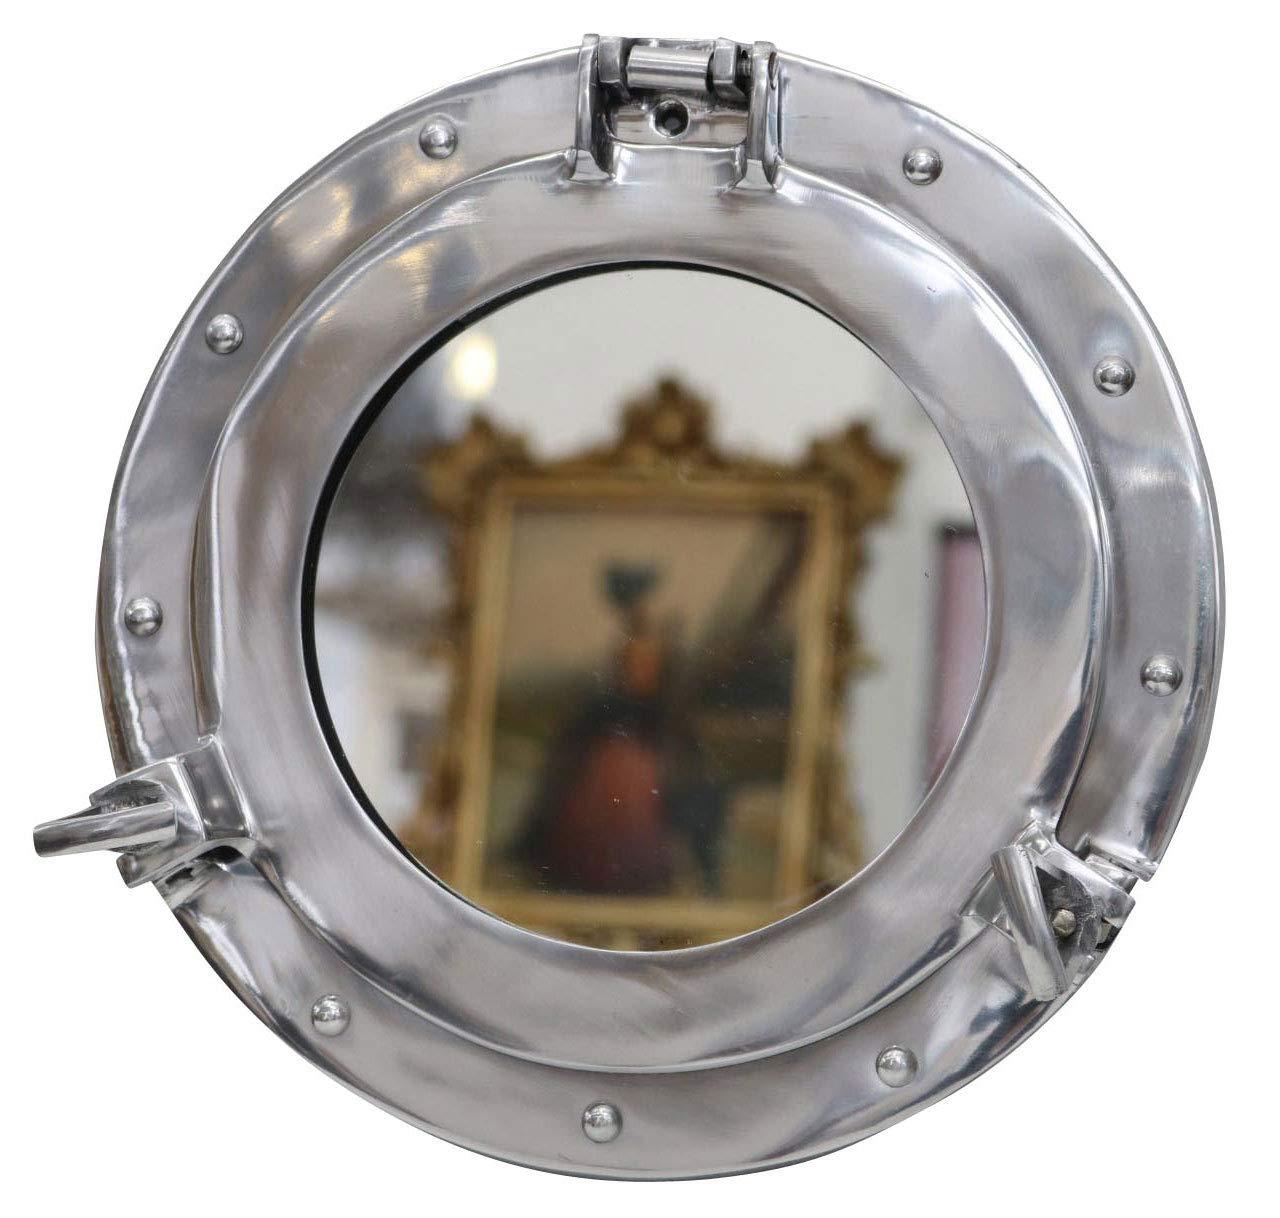 aubaho Porta con Espejo Ojo de Buey Abierta Barco Deco mar/ítima de Plata 26cm